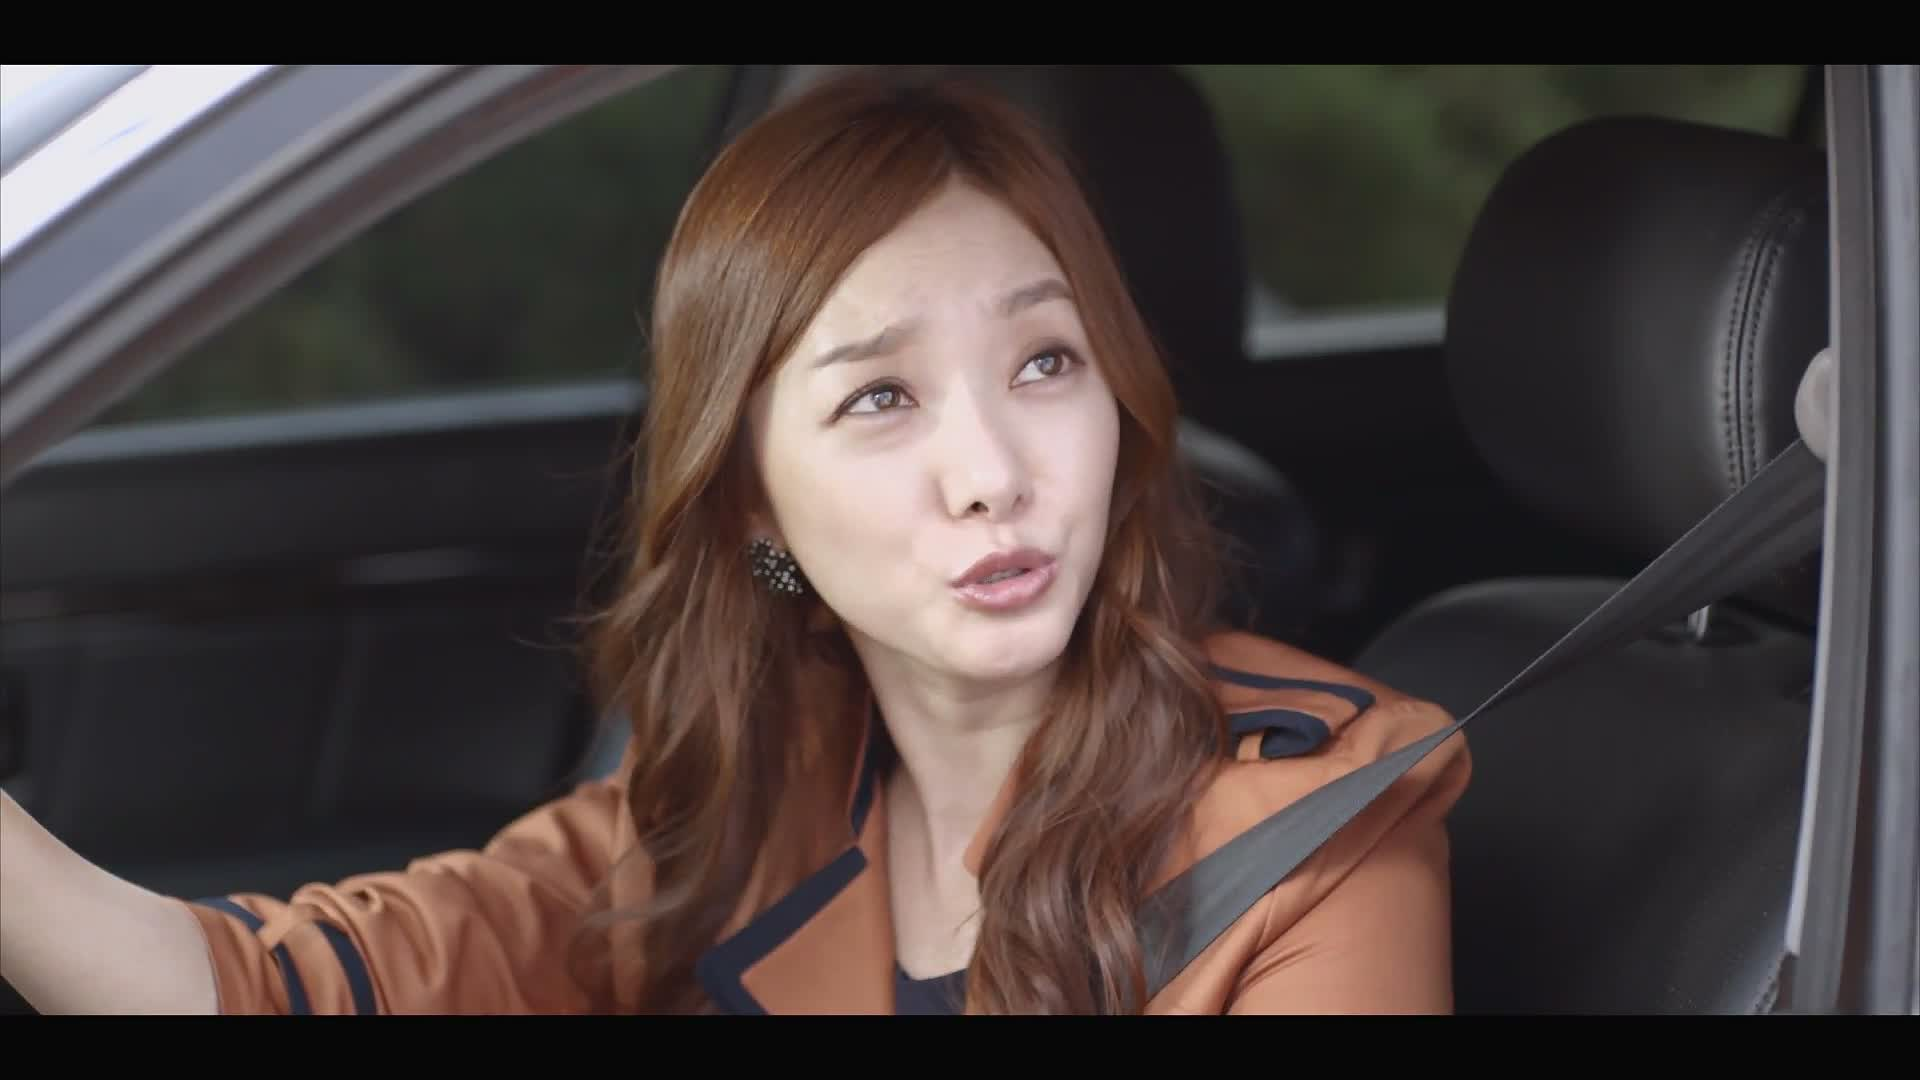 是韩国电影《味道》里面的一个美女